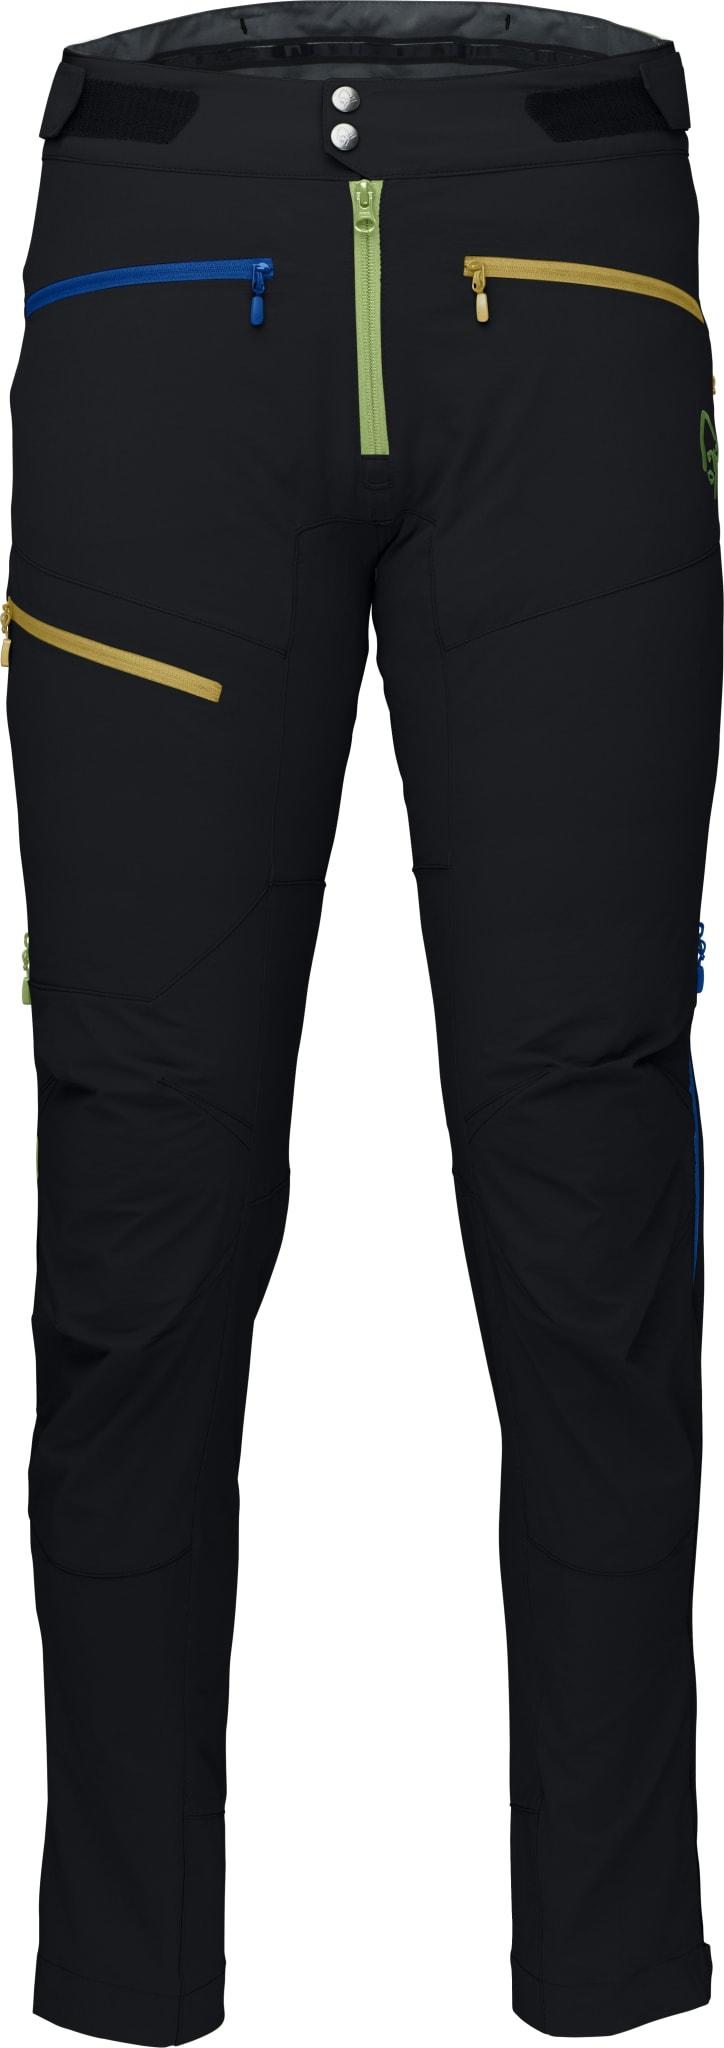 Fjørå Flex1 Pants M